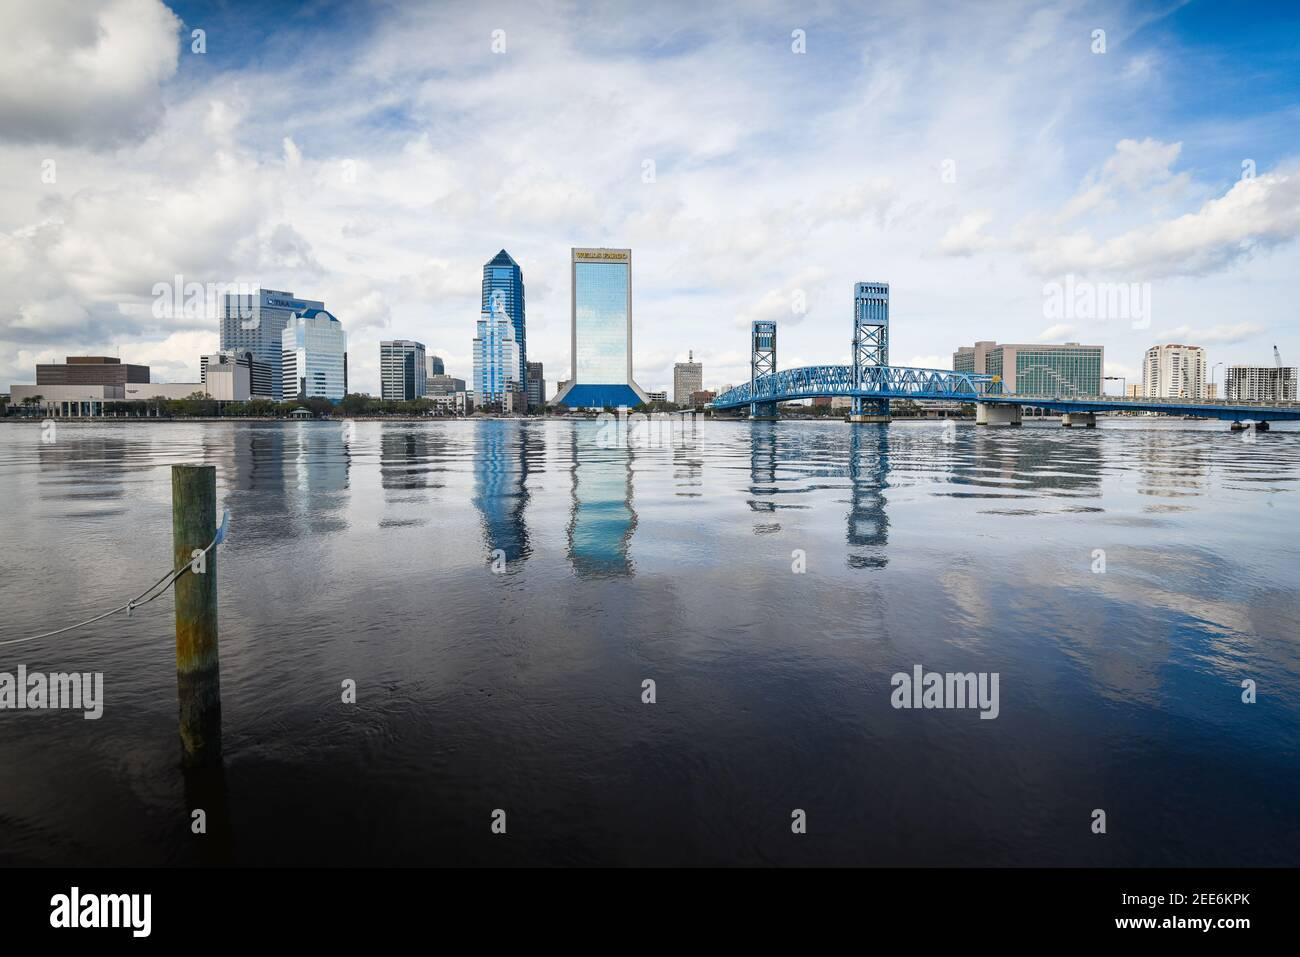 Belle ville de Jacksonville en Floride, États-Unis Banque D'Images